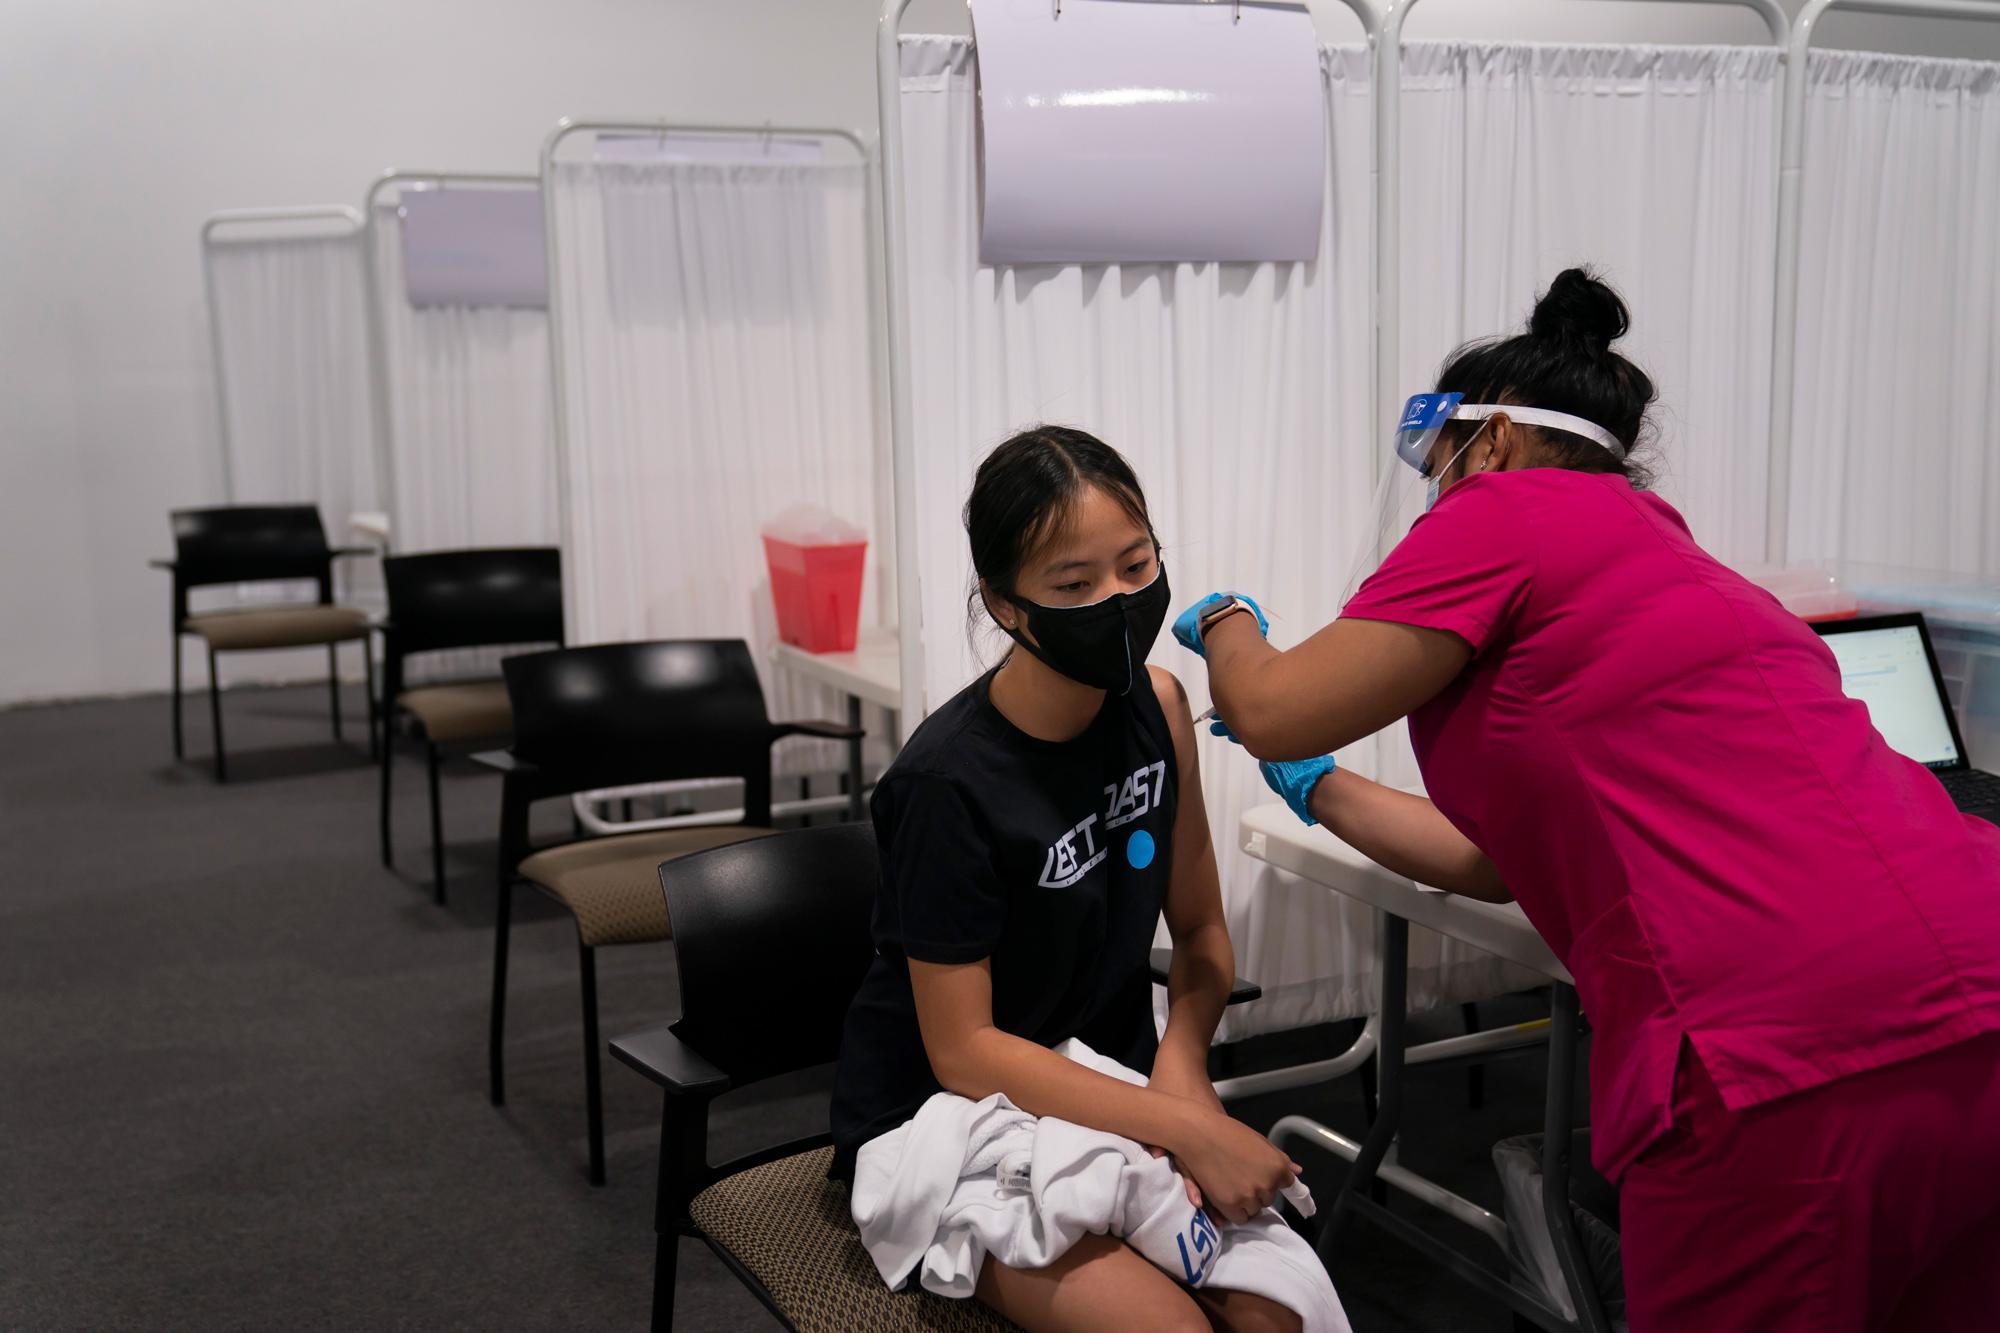 Около 2,4 миллиона детей в США получили дозу вакцины против COVID-19